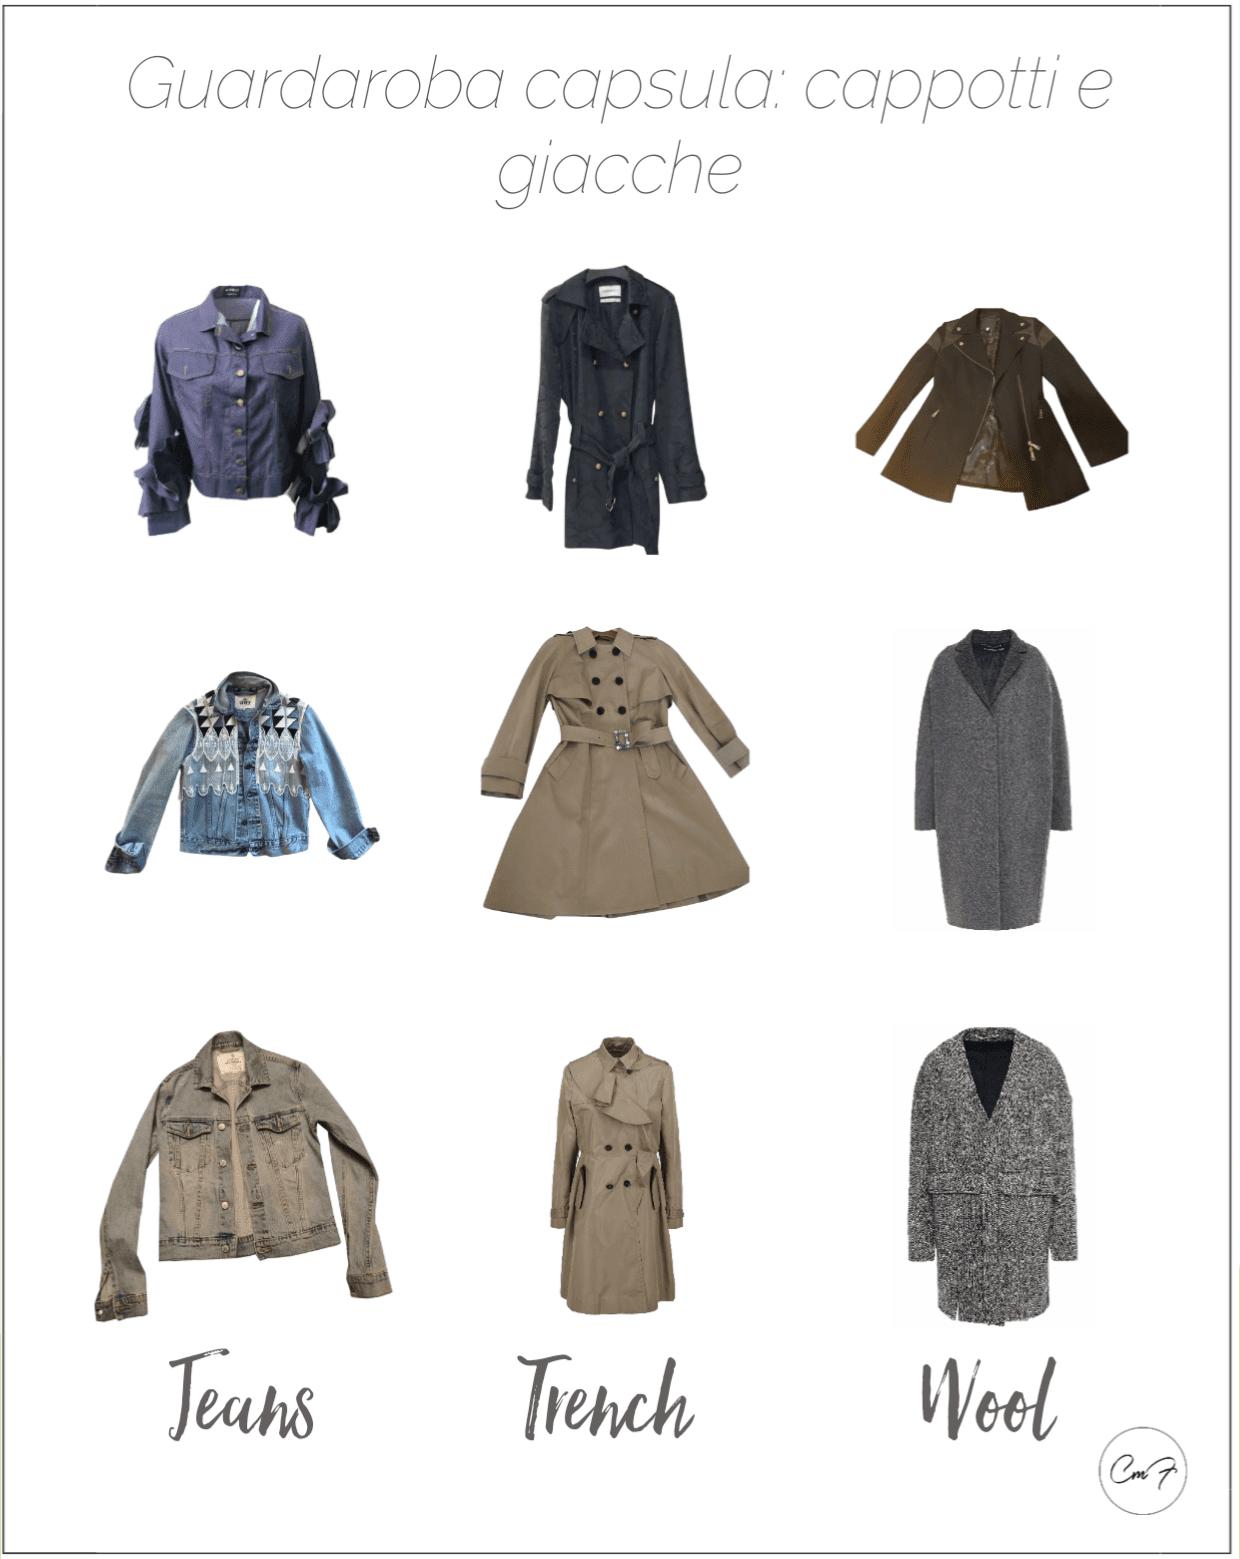 tre giacche di jeans, tre trench e tre cappotti di lana adatti a un guardaroba capsula